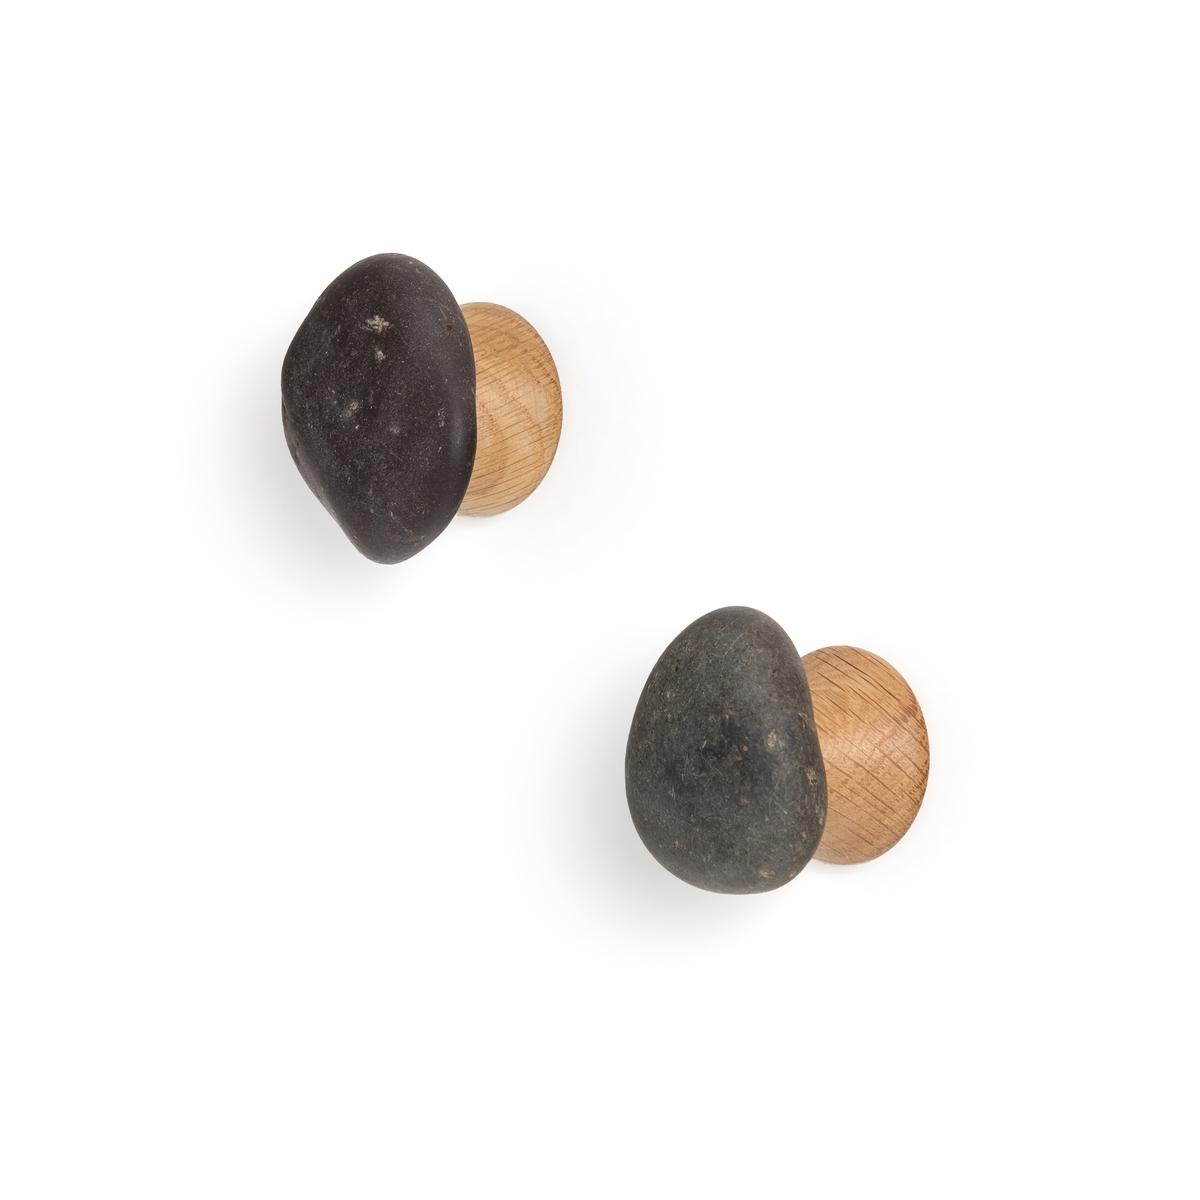 Комплект из 2 вешалок Koishi La Redoute La Redoute единый размер черный комплект из 2 вешалок koishi la redoute la redoute единый размер черный